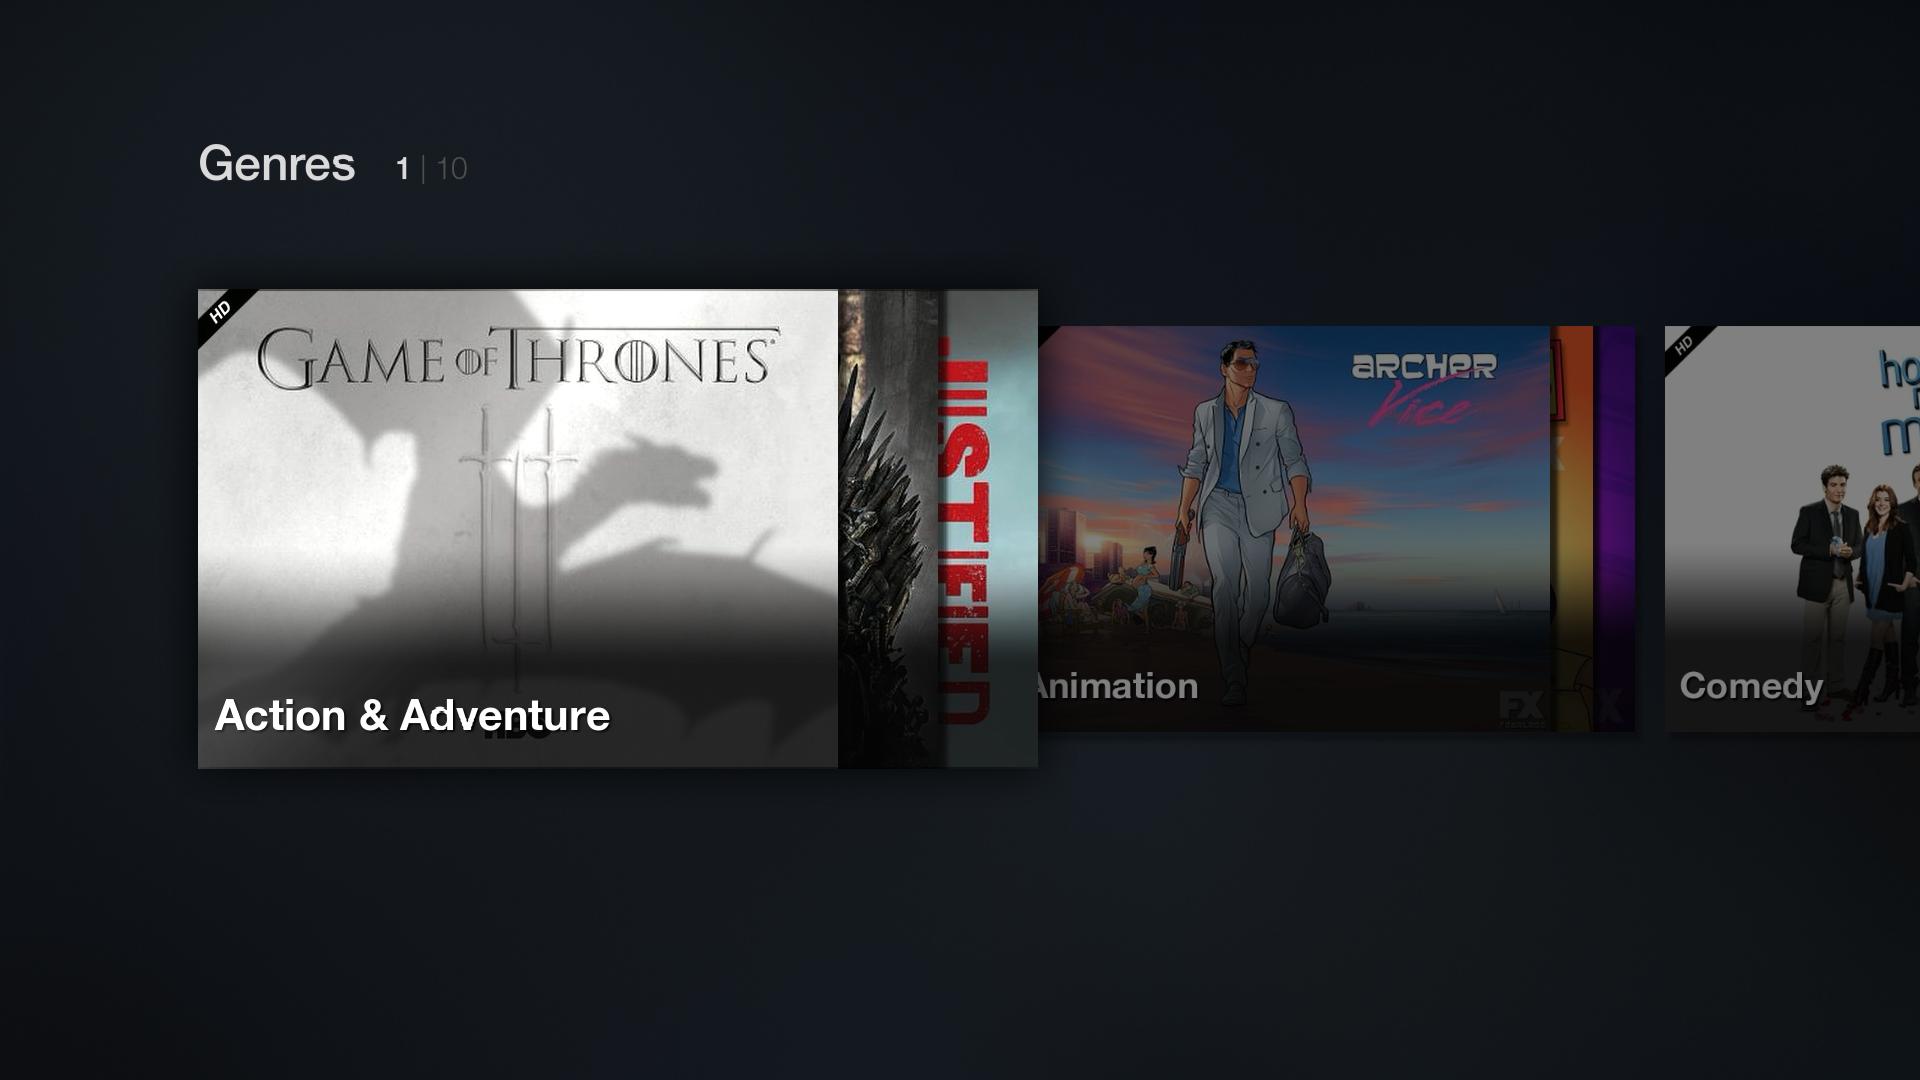 fire tv genres